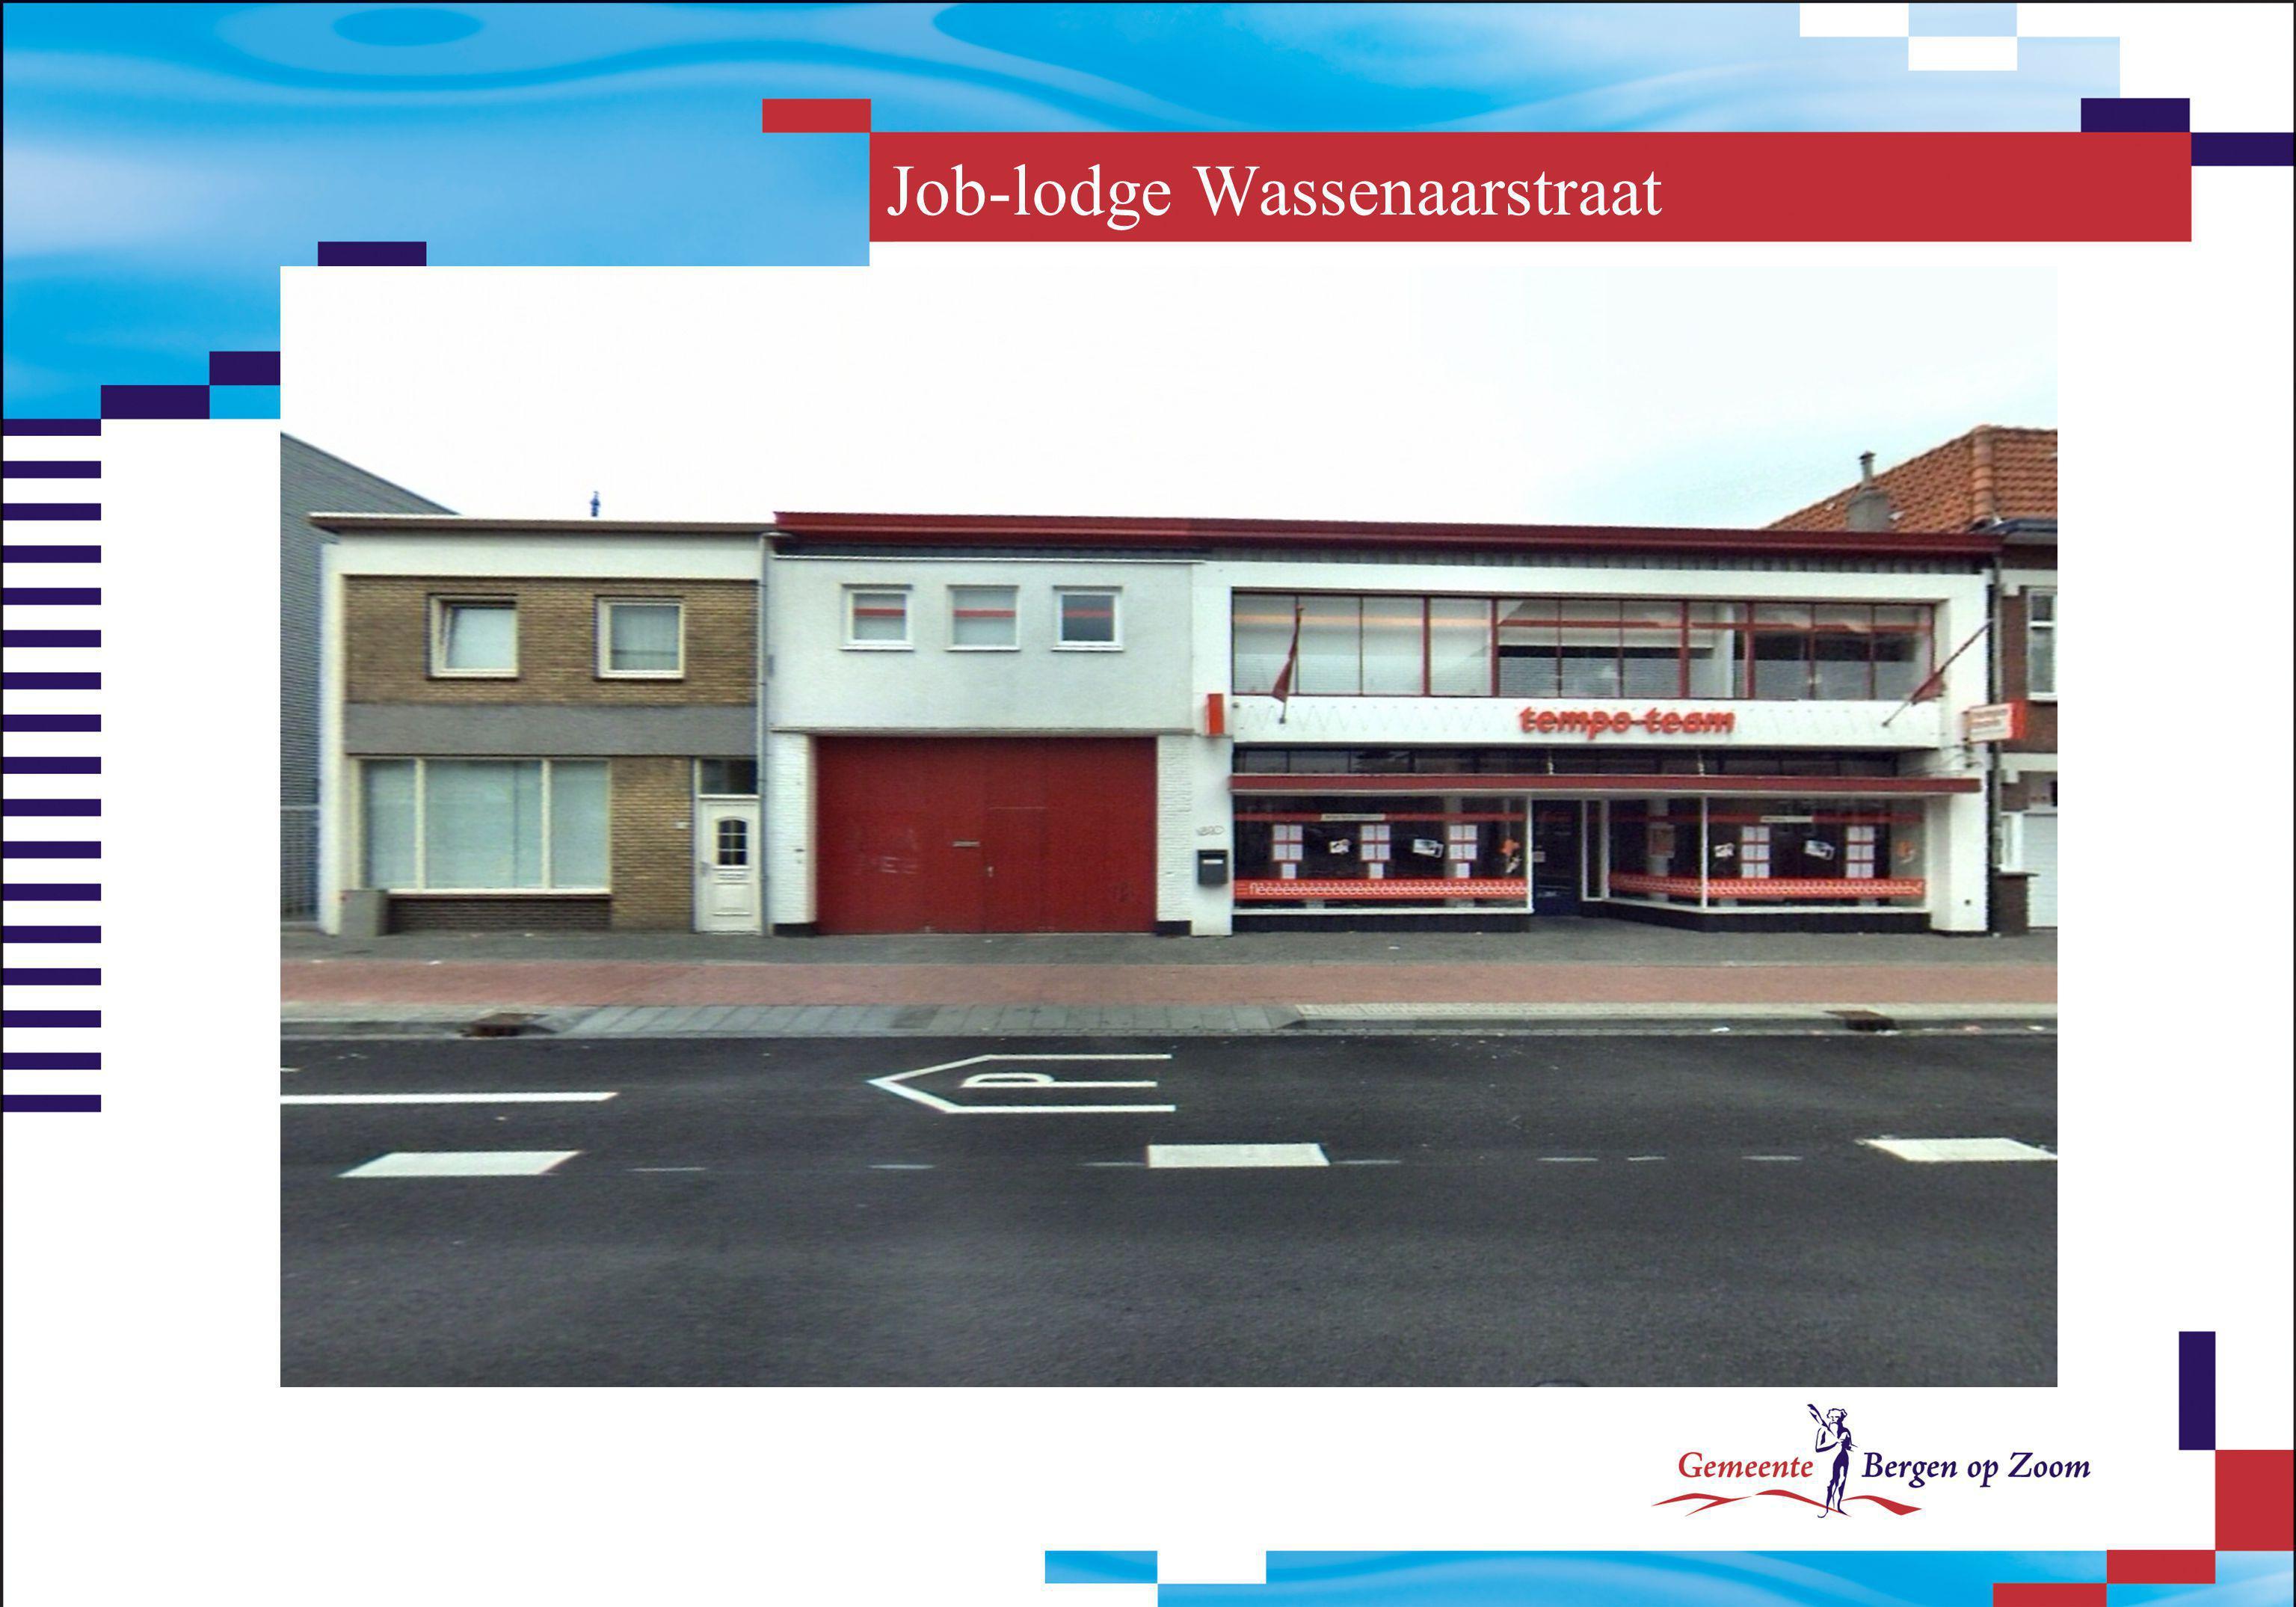 Job-lodge Wassenaarstraat